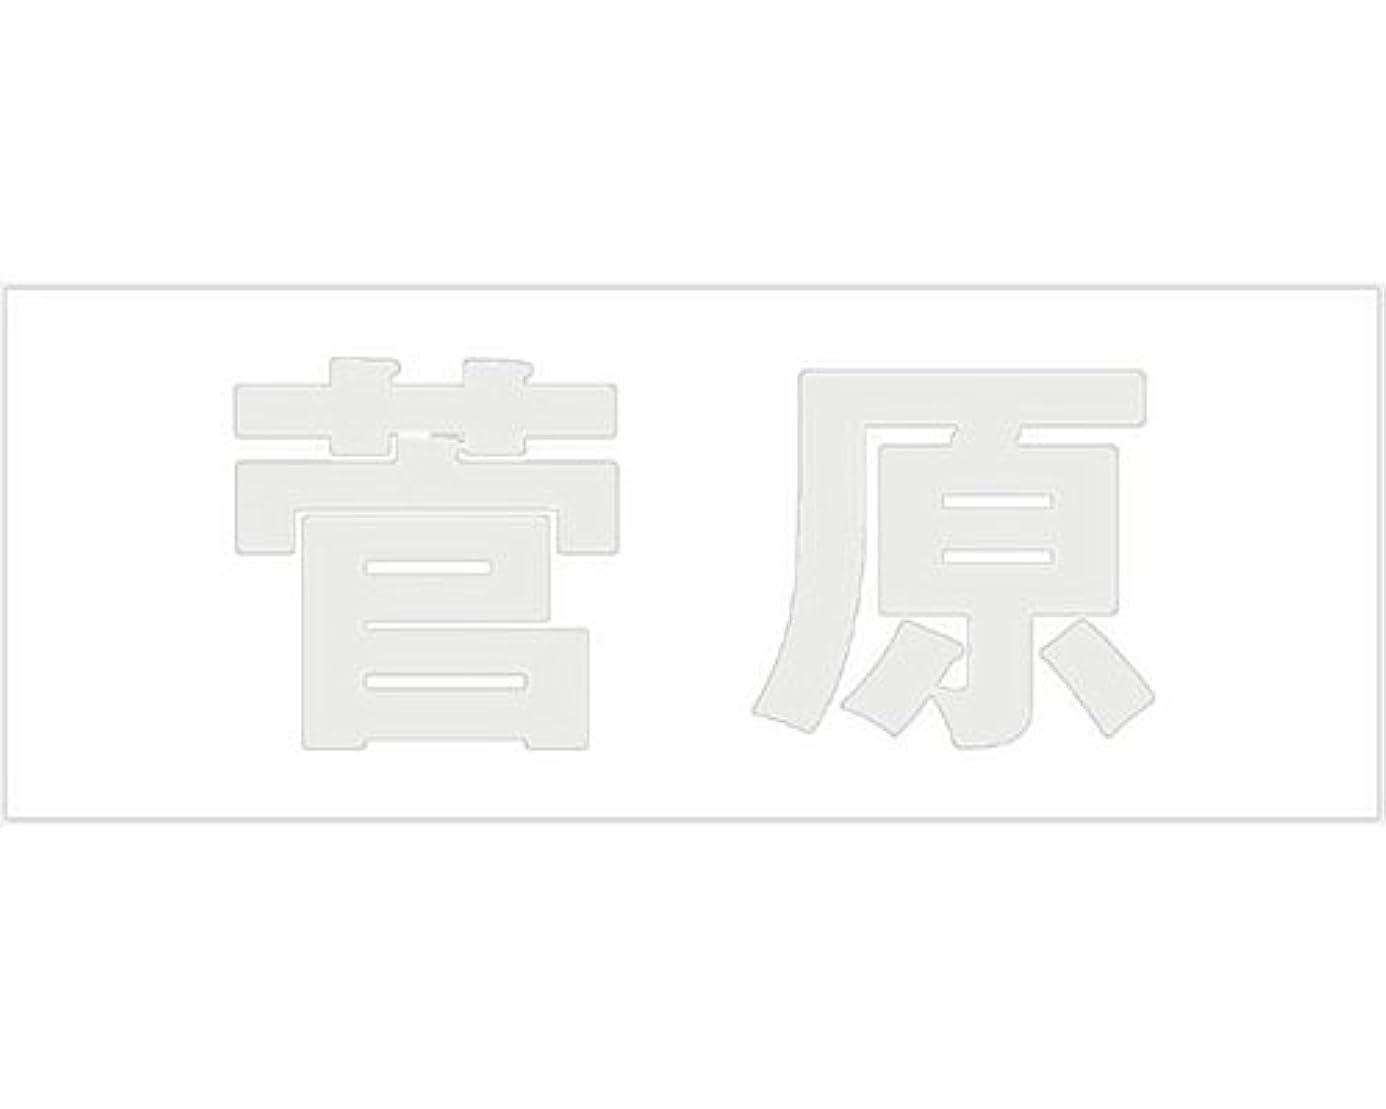 実験若いミュージカル切文字 カッティングシート ゴシック文字 ???????? 高さ50?? 菅原 オーダーメイド 納期8営業日